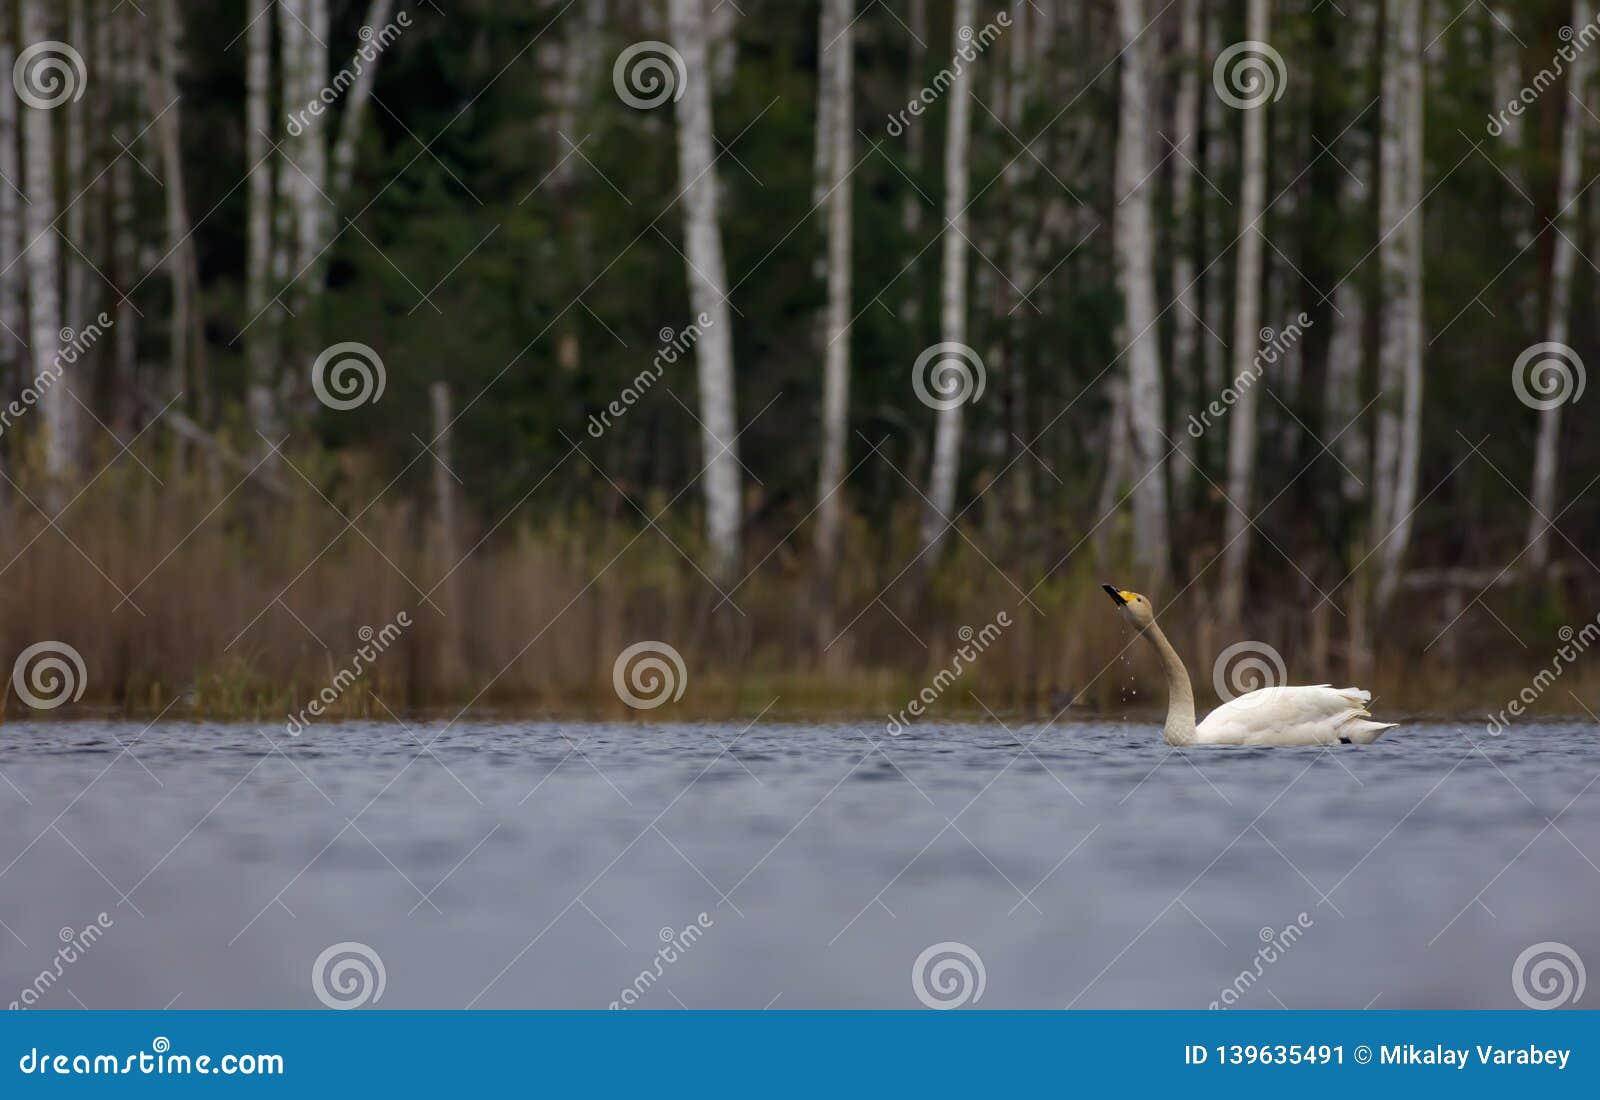 De vlotter van de Whooperzwaan en drinkt water met dalende vlekken van bek op het grote meer in toneelmening